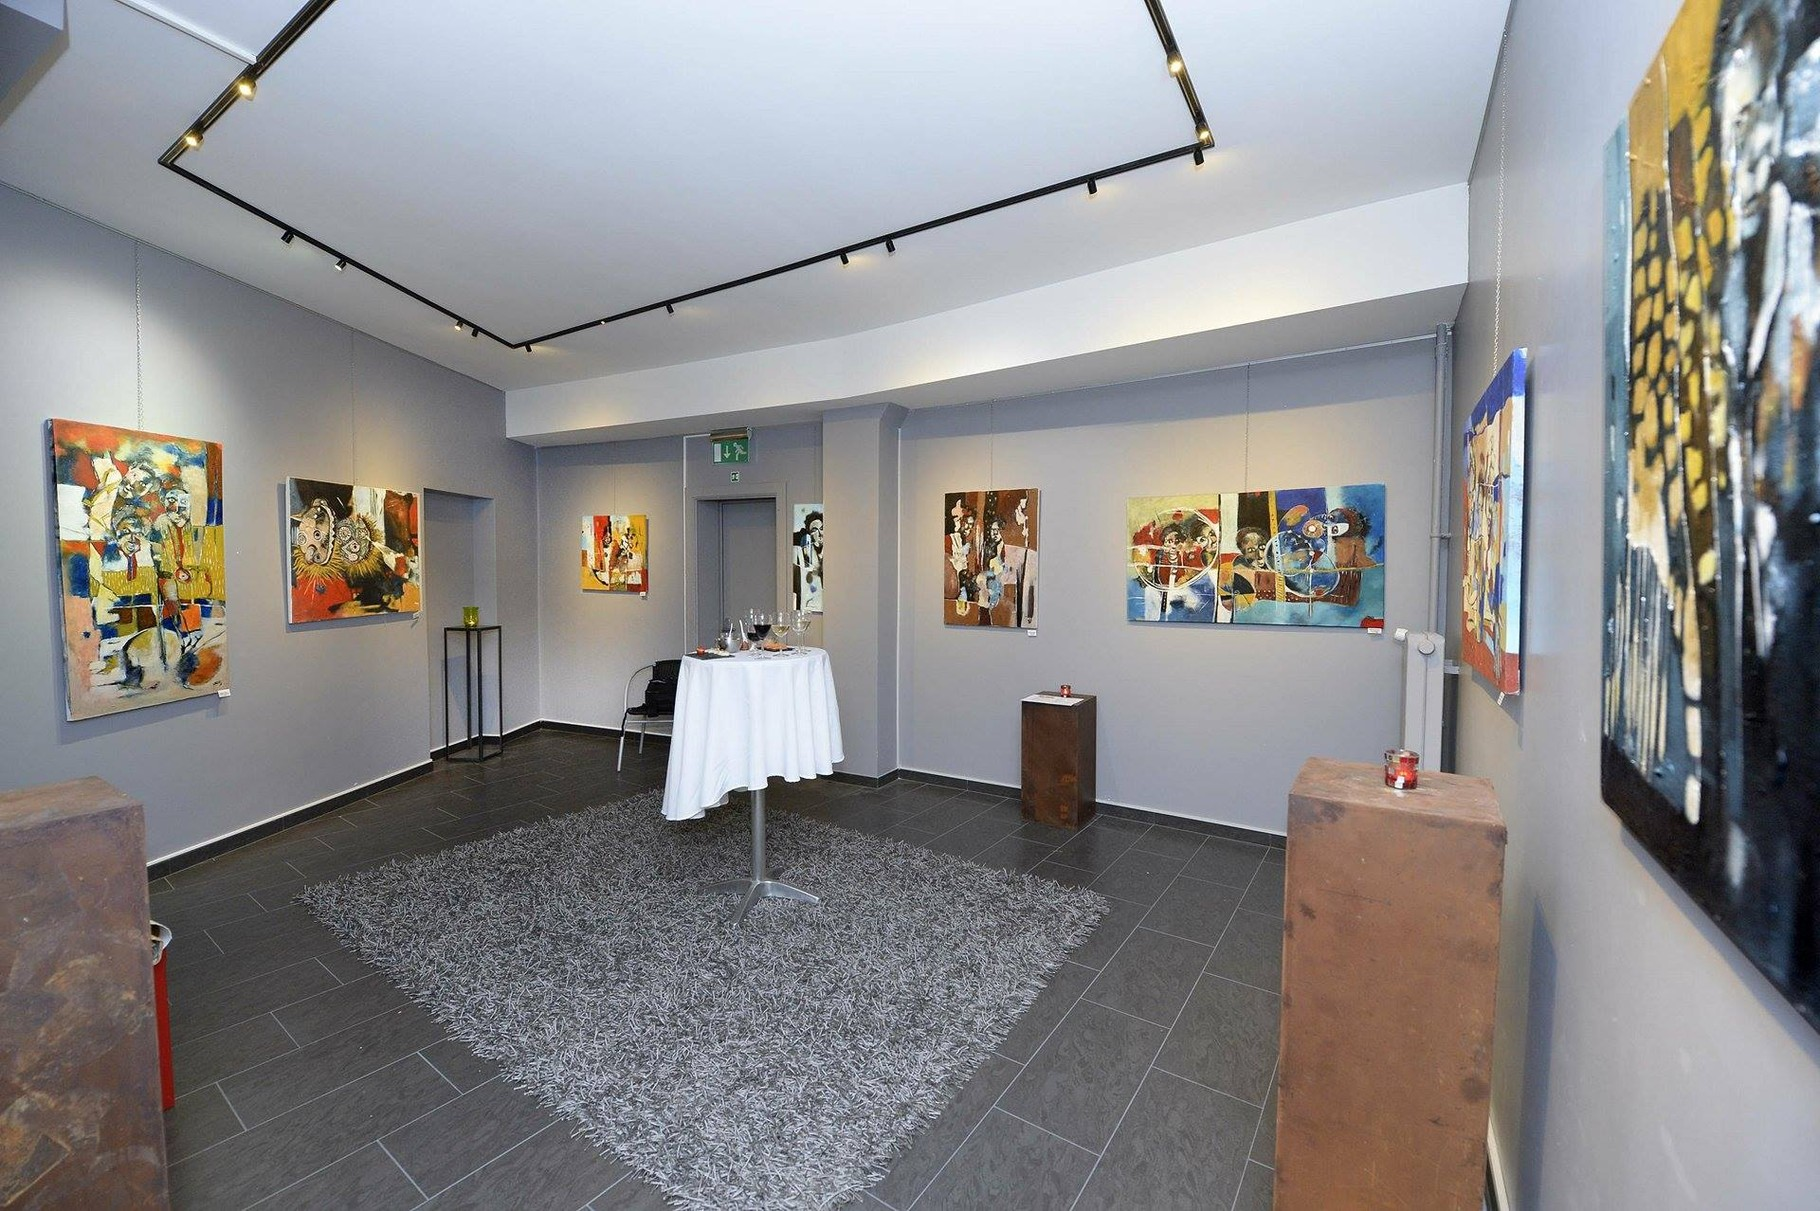 Art Gallery En Beauregard - Montreux - janvier 2014